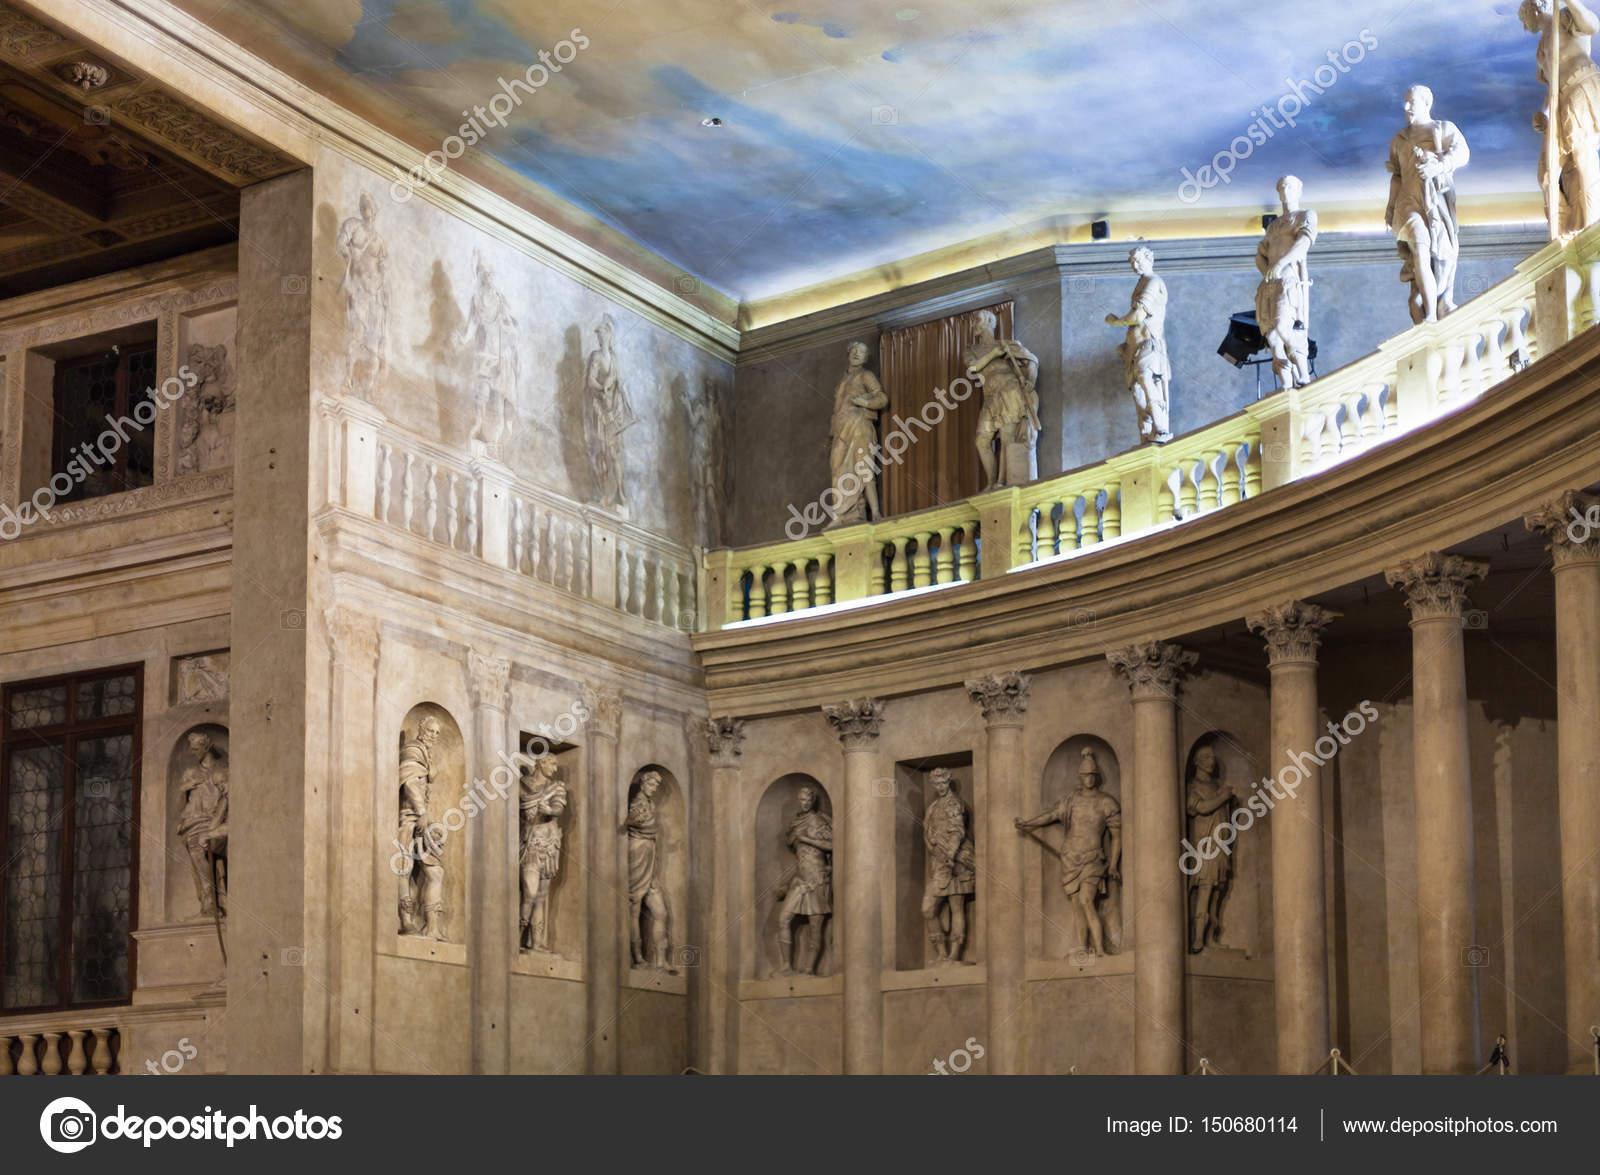 Foto Op Wand.Wand En Geschilderd Plafond Op Het Podium Teatro Olimpico